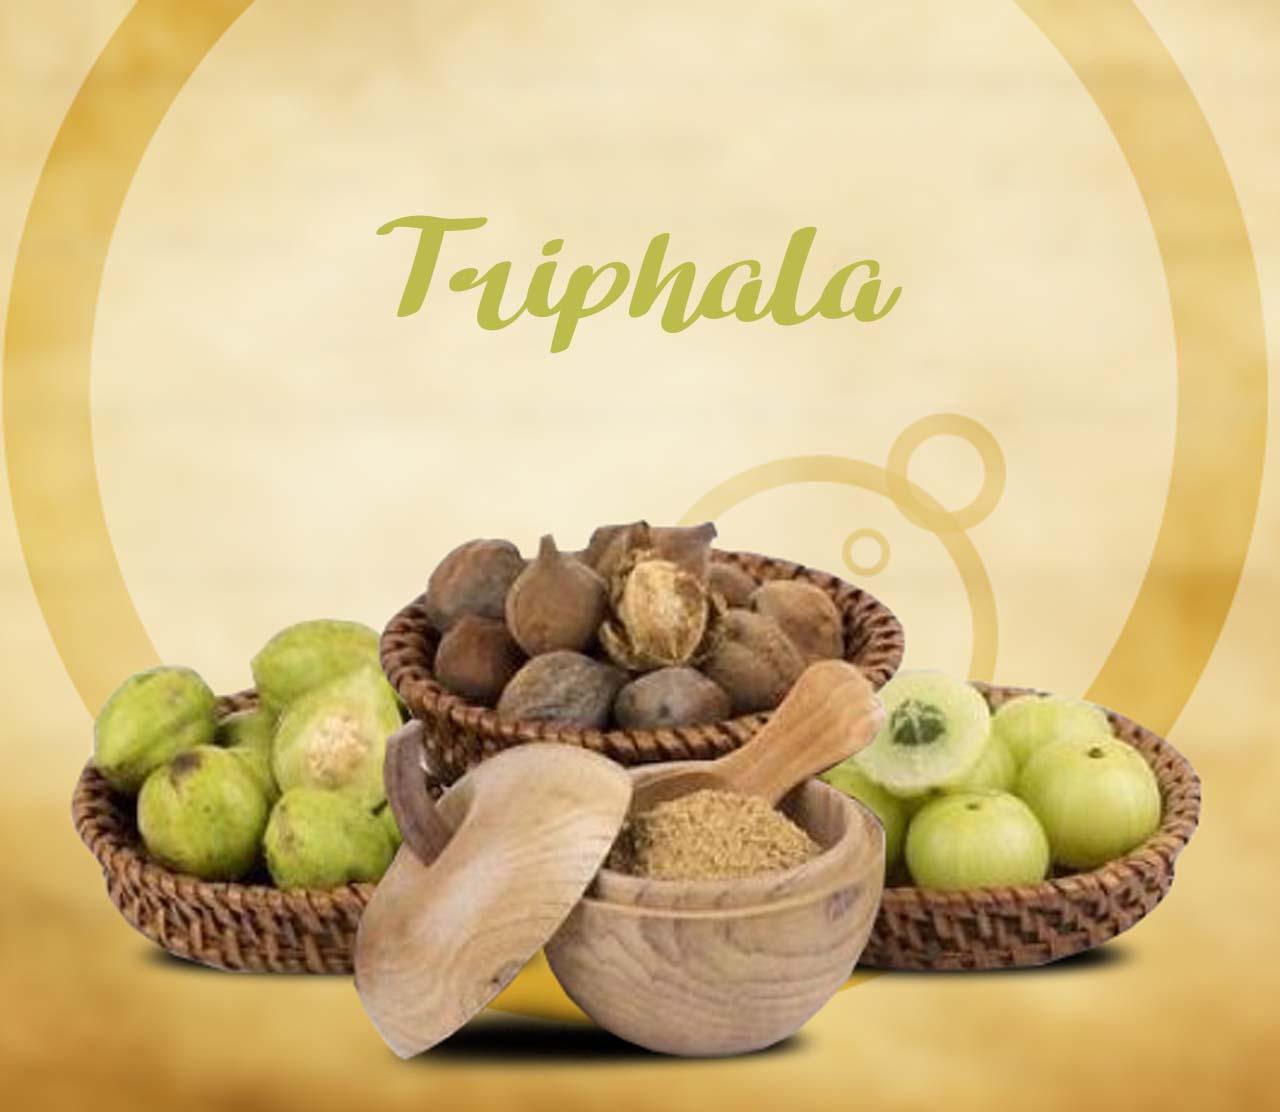 Use of Triphala